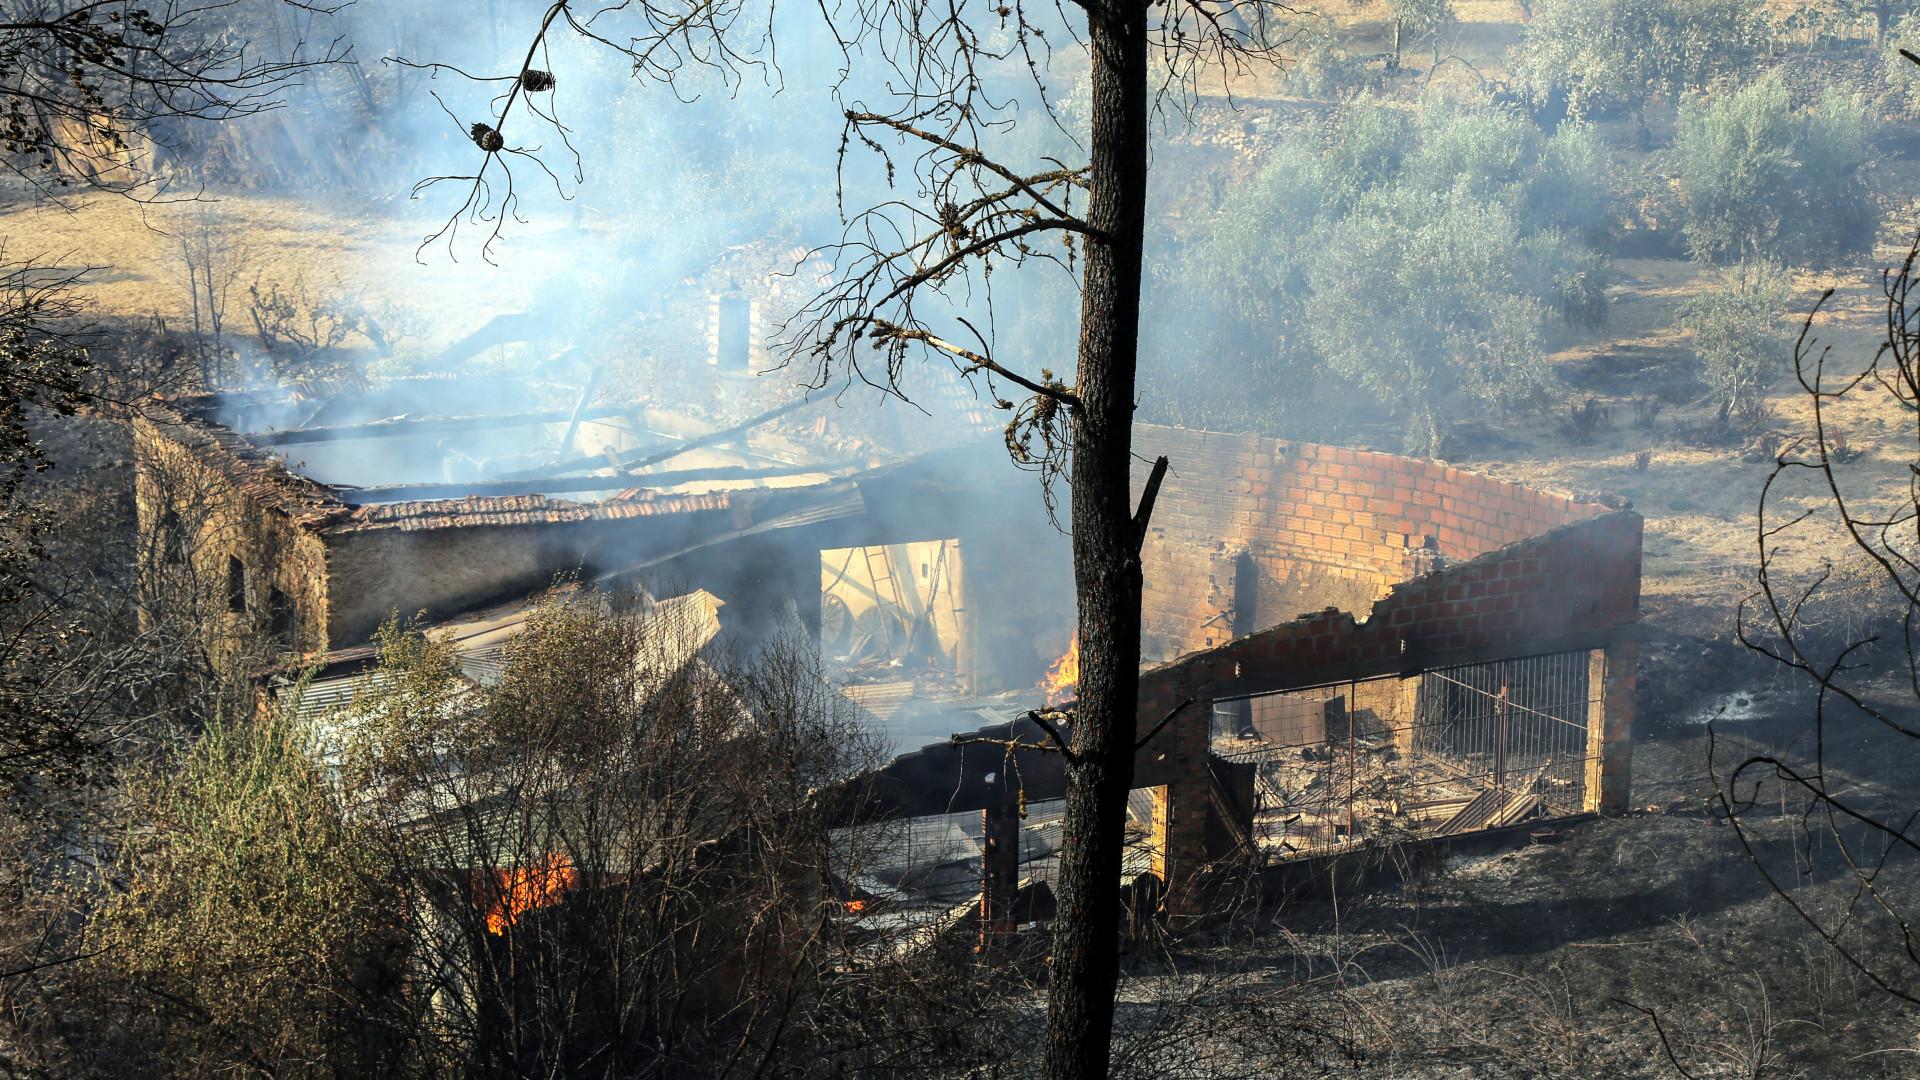 Incêndios em Portugal: oito casas destruídas no distrito de Castelo Branco